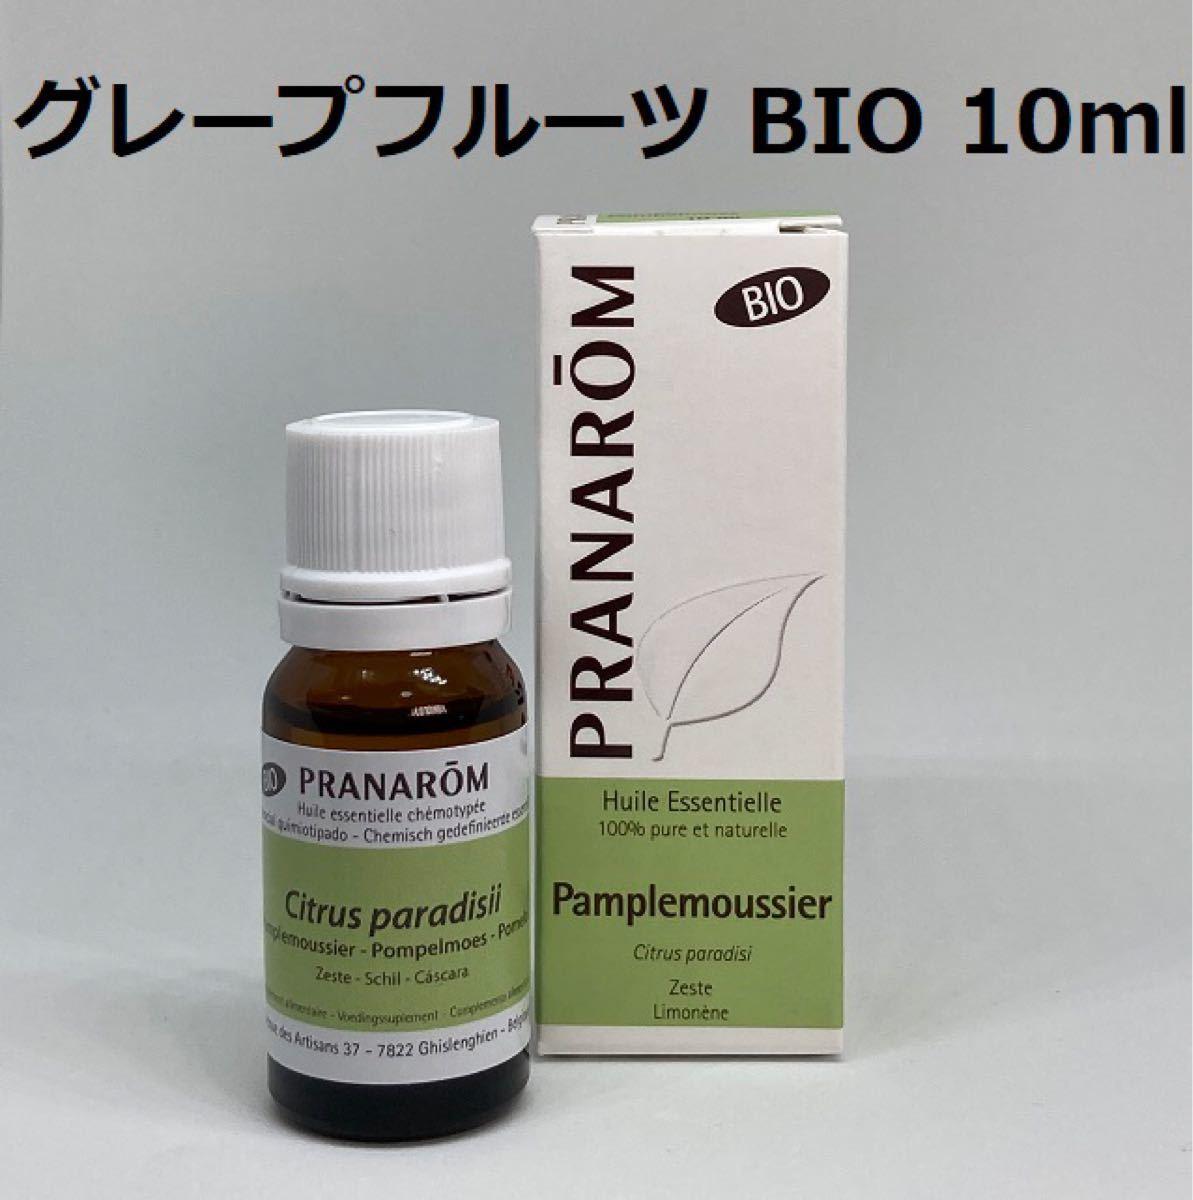 プラナロム グレープフルーツ BIO 10ml 精油 PRANAROM アロマ